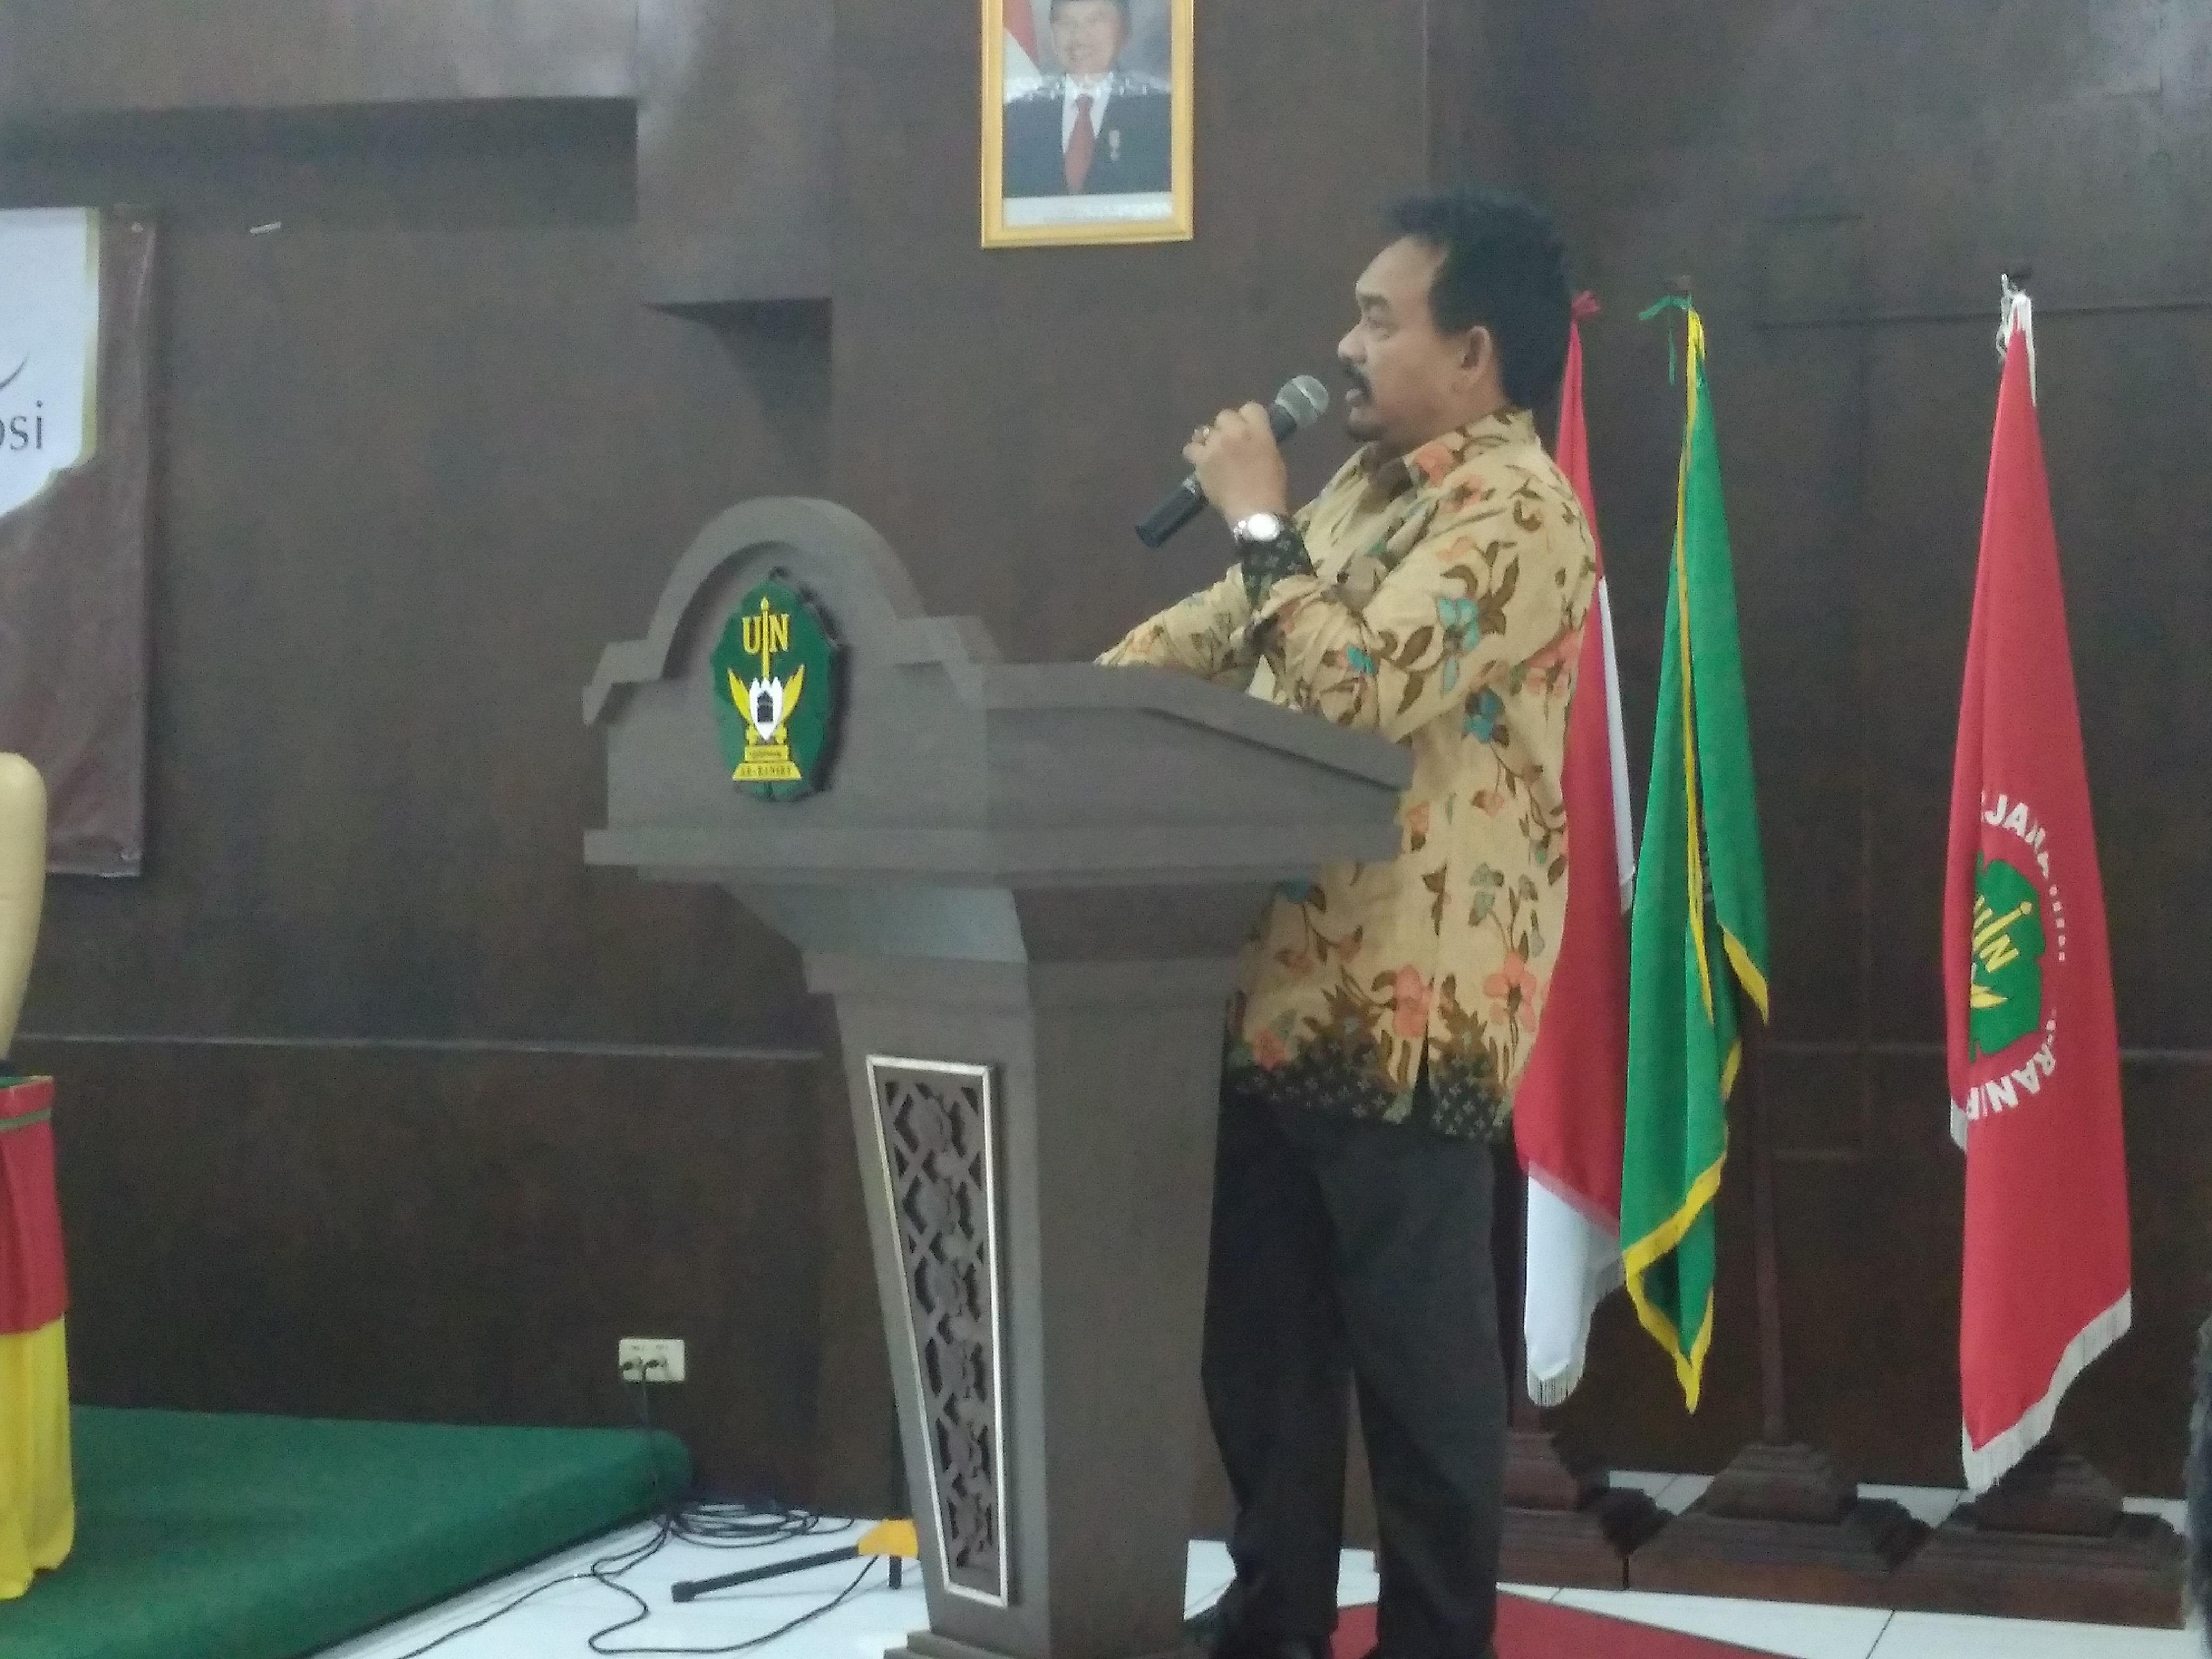 Rektor: Pejabat Tidak Perjuangkan Syariat, Haram Makan Gaji